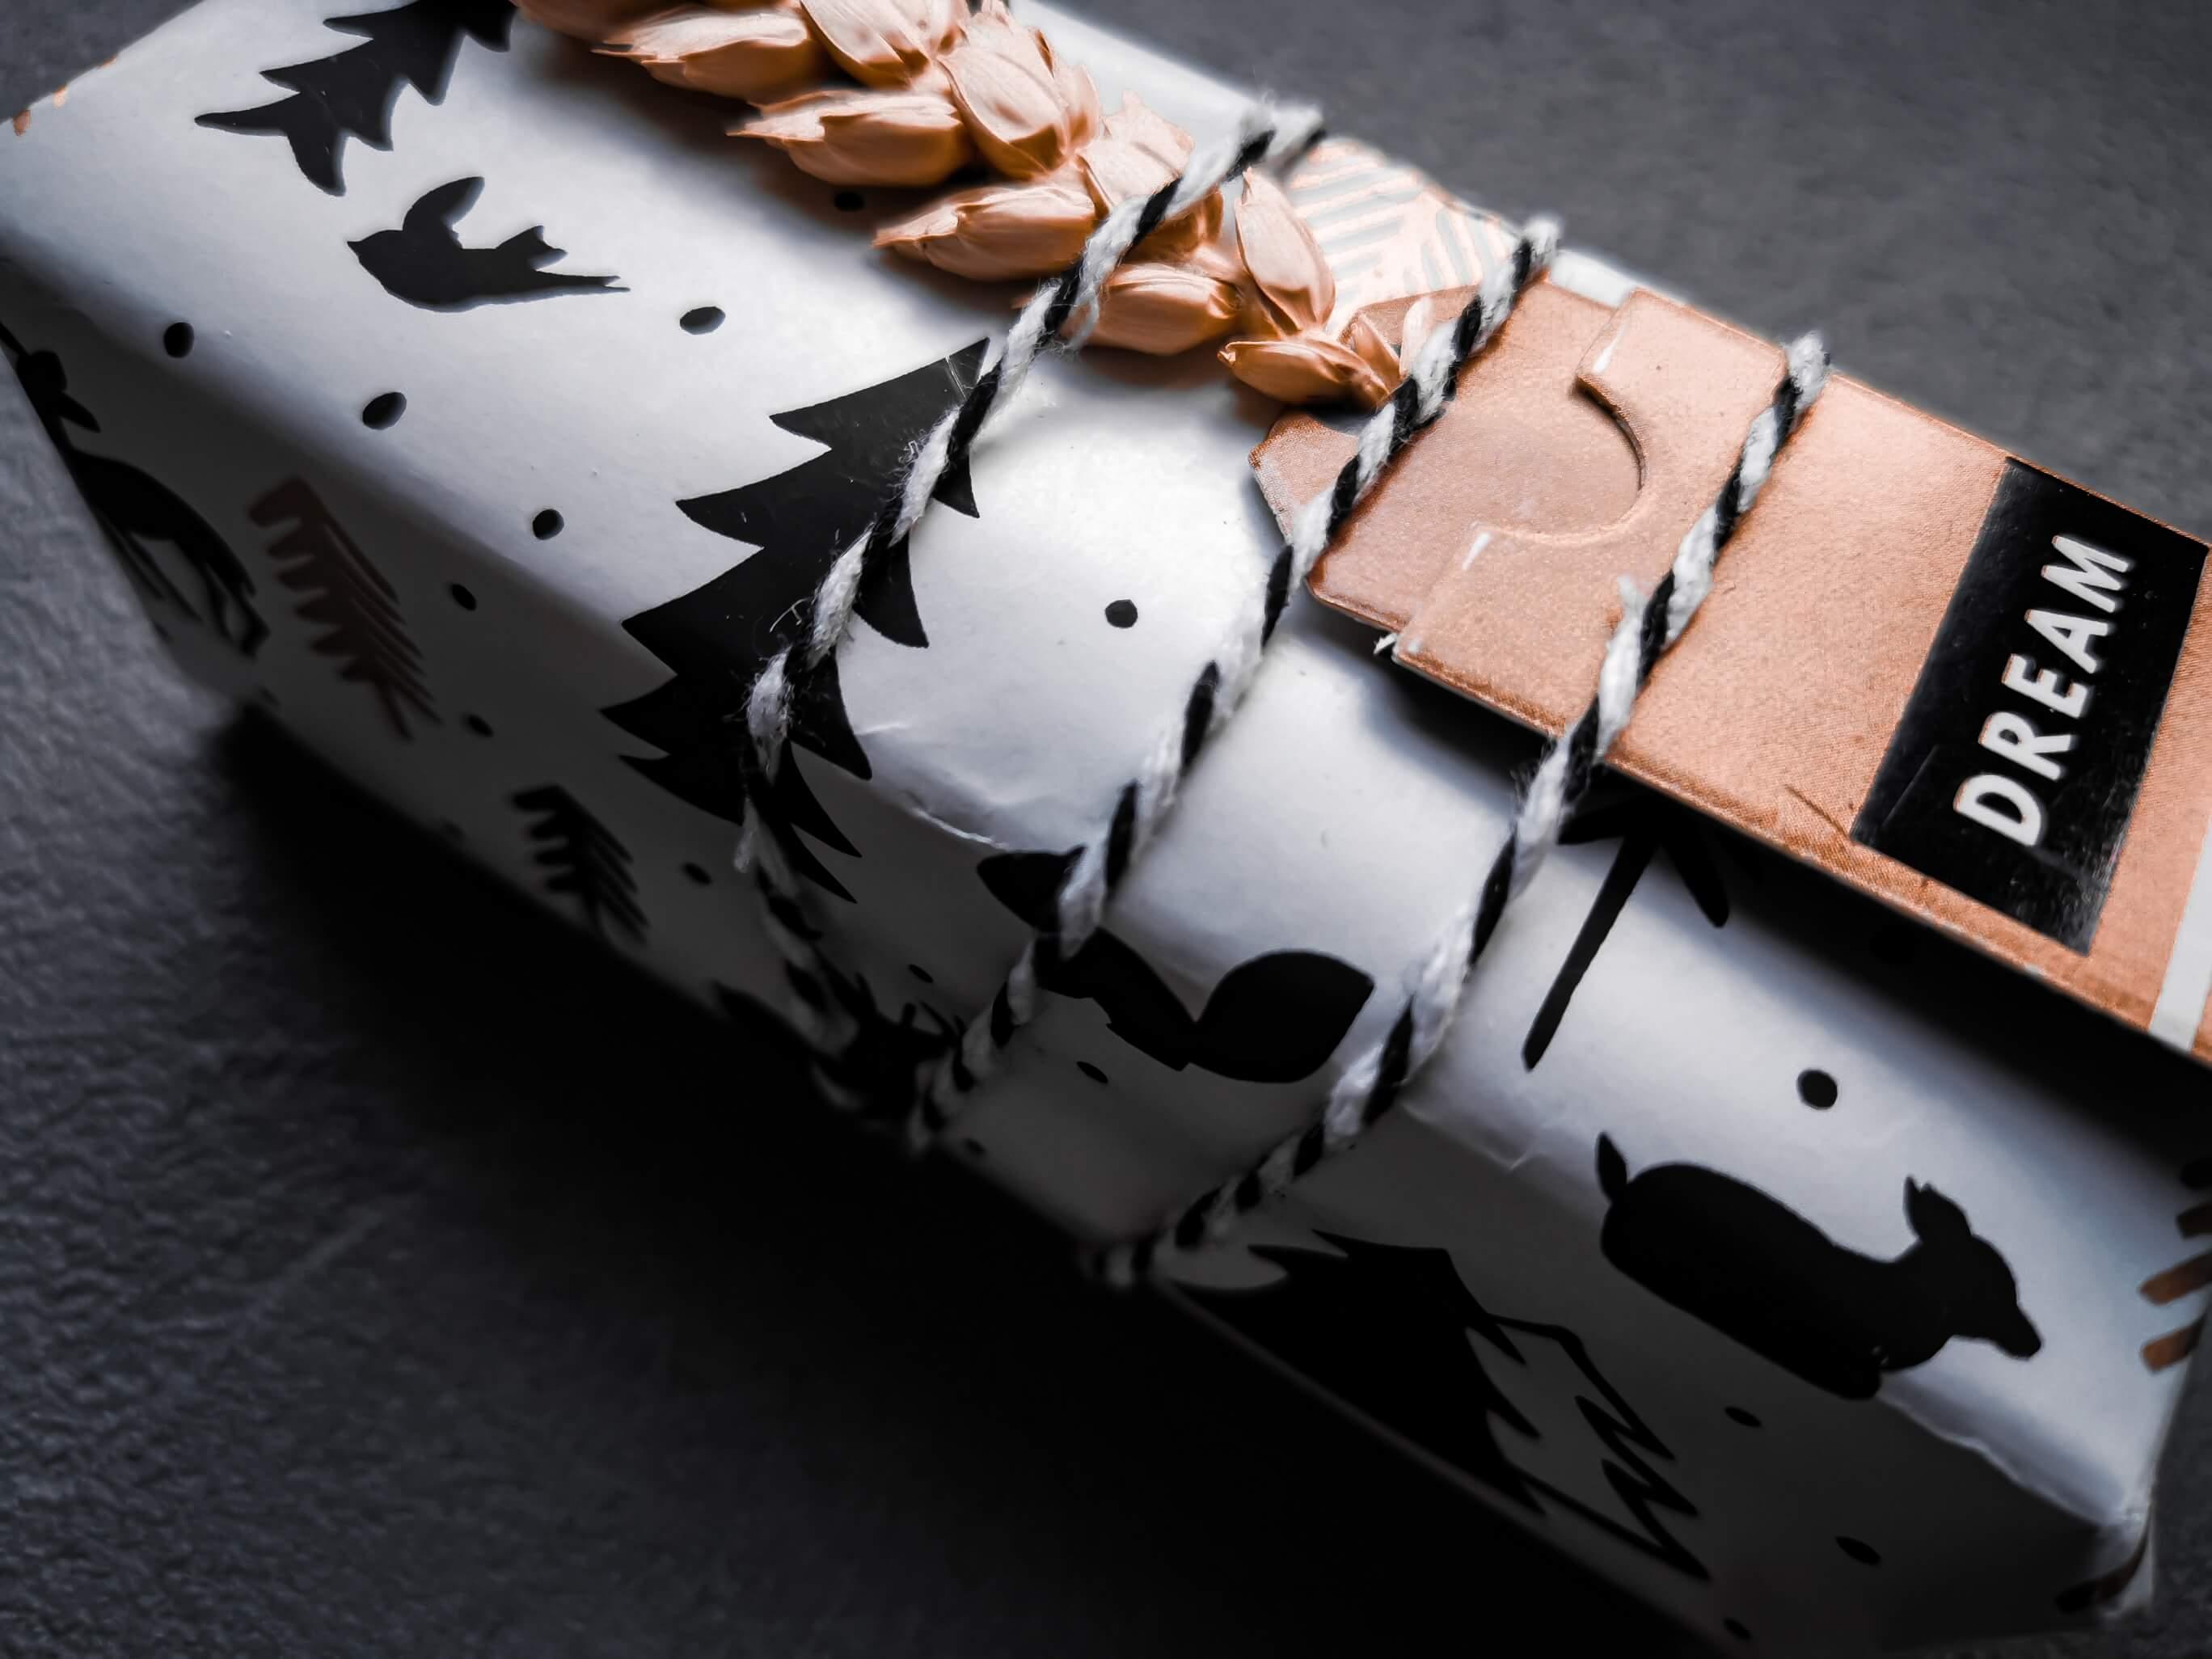 IMG 20191207 112832 resized 20191208 060251620 - Geschenke verpacken: 11 kreative Tipps zum Selbermachen